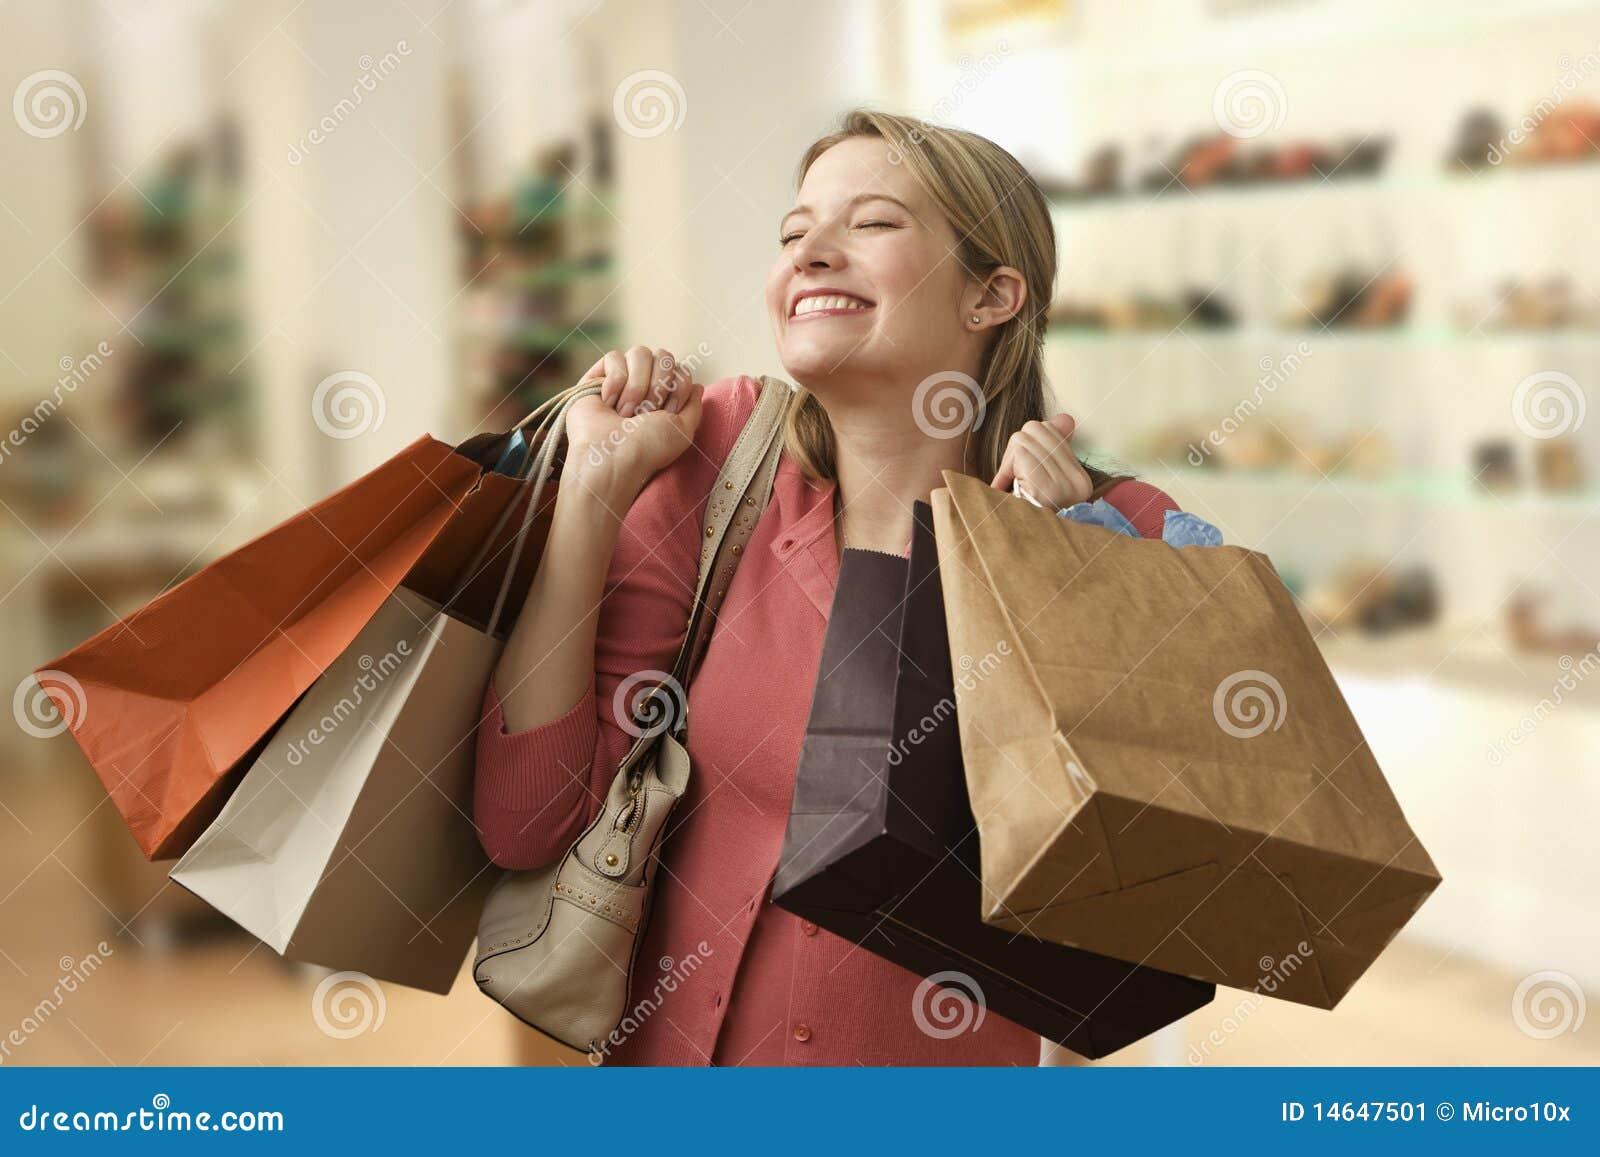 Frauen-tragende Einkaufen-Beutel Stockbild - Bild von